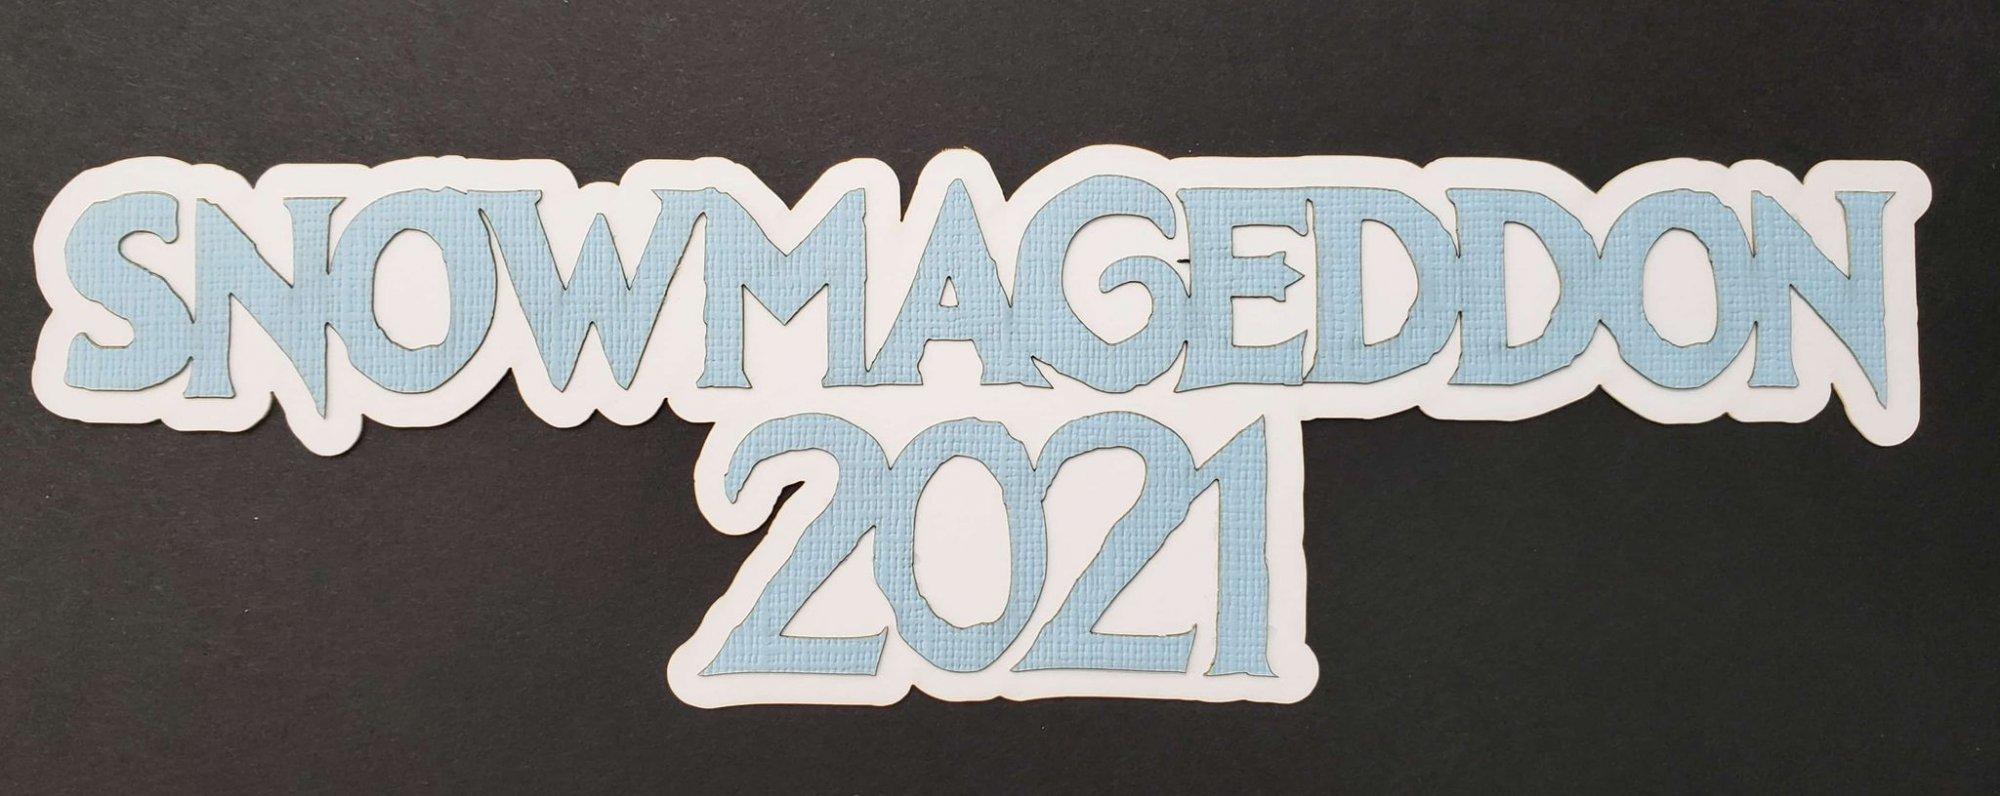 Snowmageddon 2021 Title